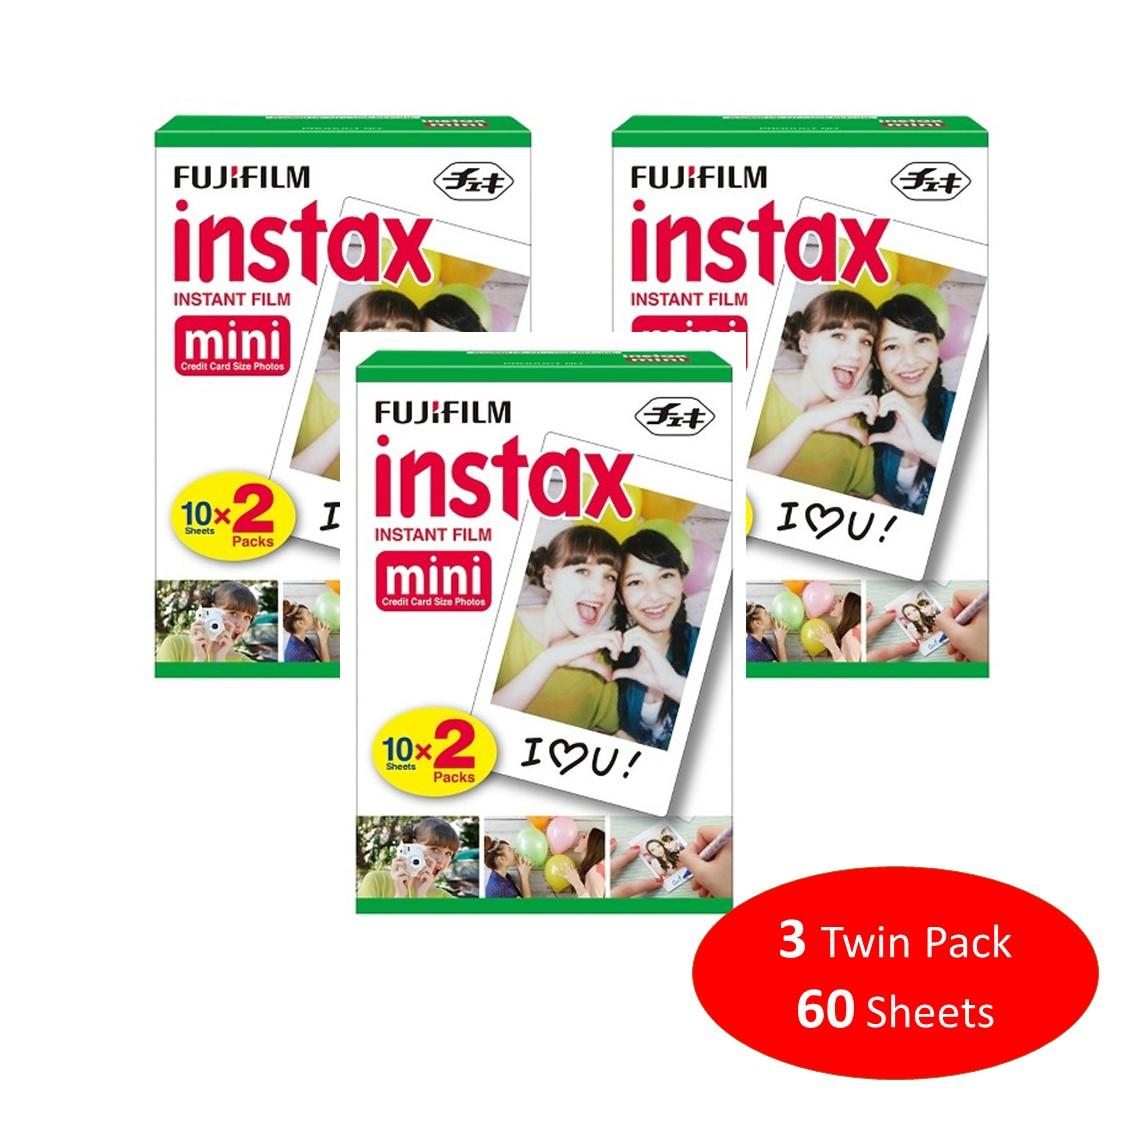 Fujifilm Instax Mini Plain Film 60 Sheets / 3 Twin Box for Instax Camera mini 7s mini 8 9 mini 25 mini 50s mini 90 SP 1 2 Printer